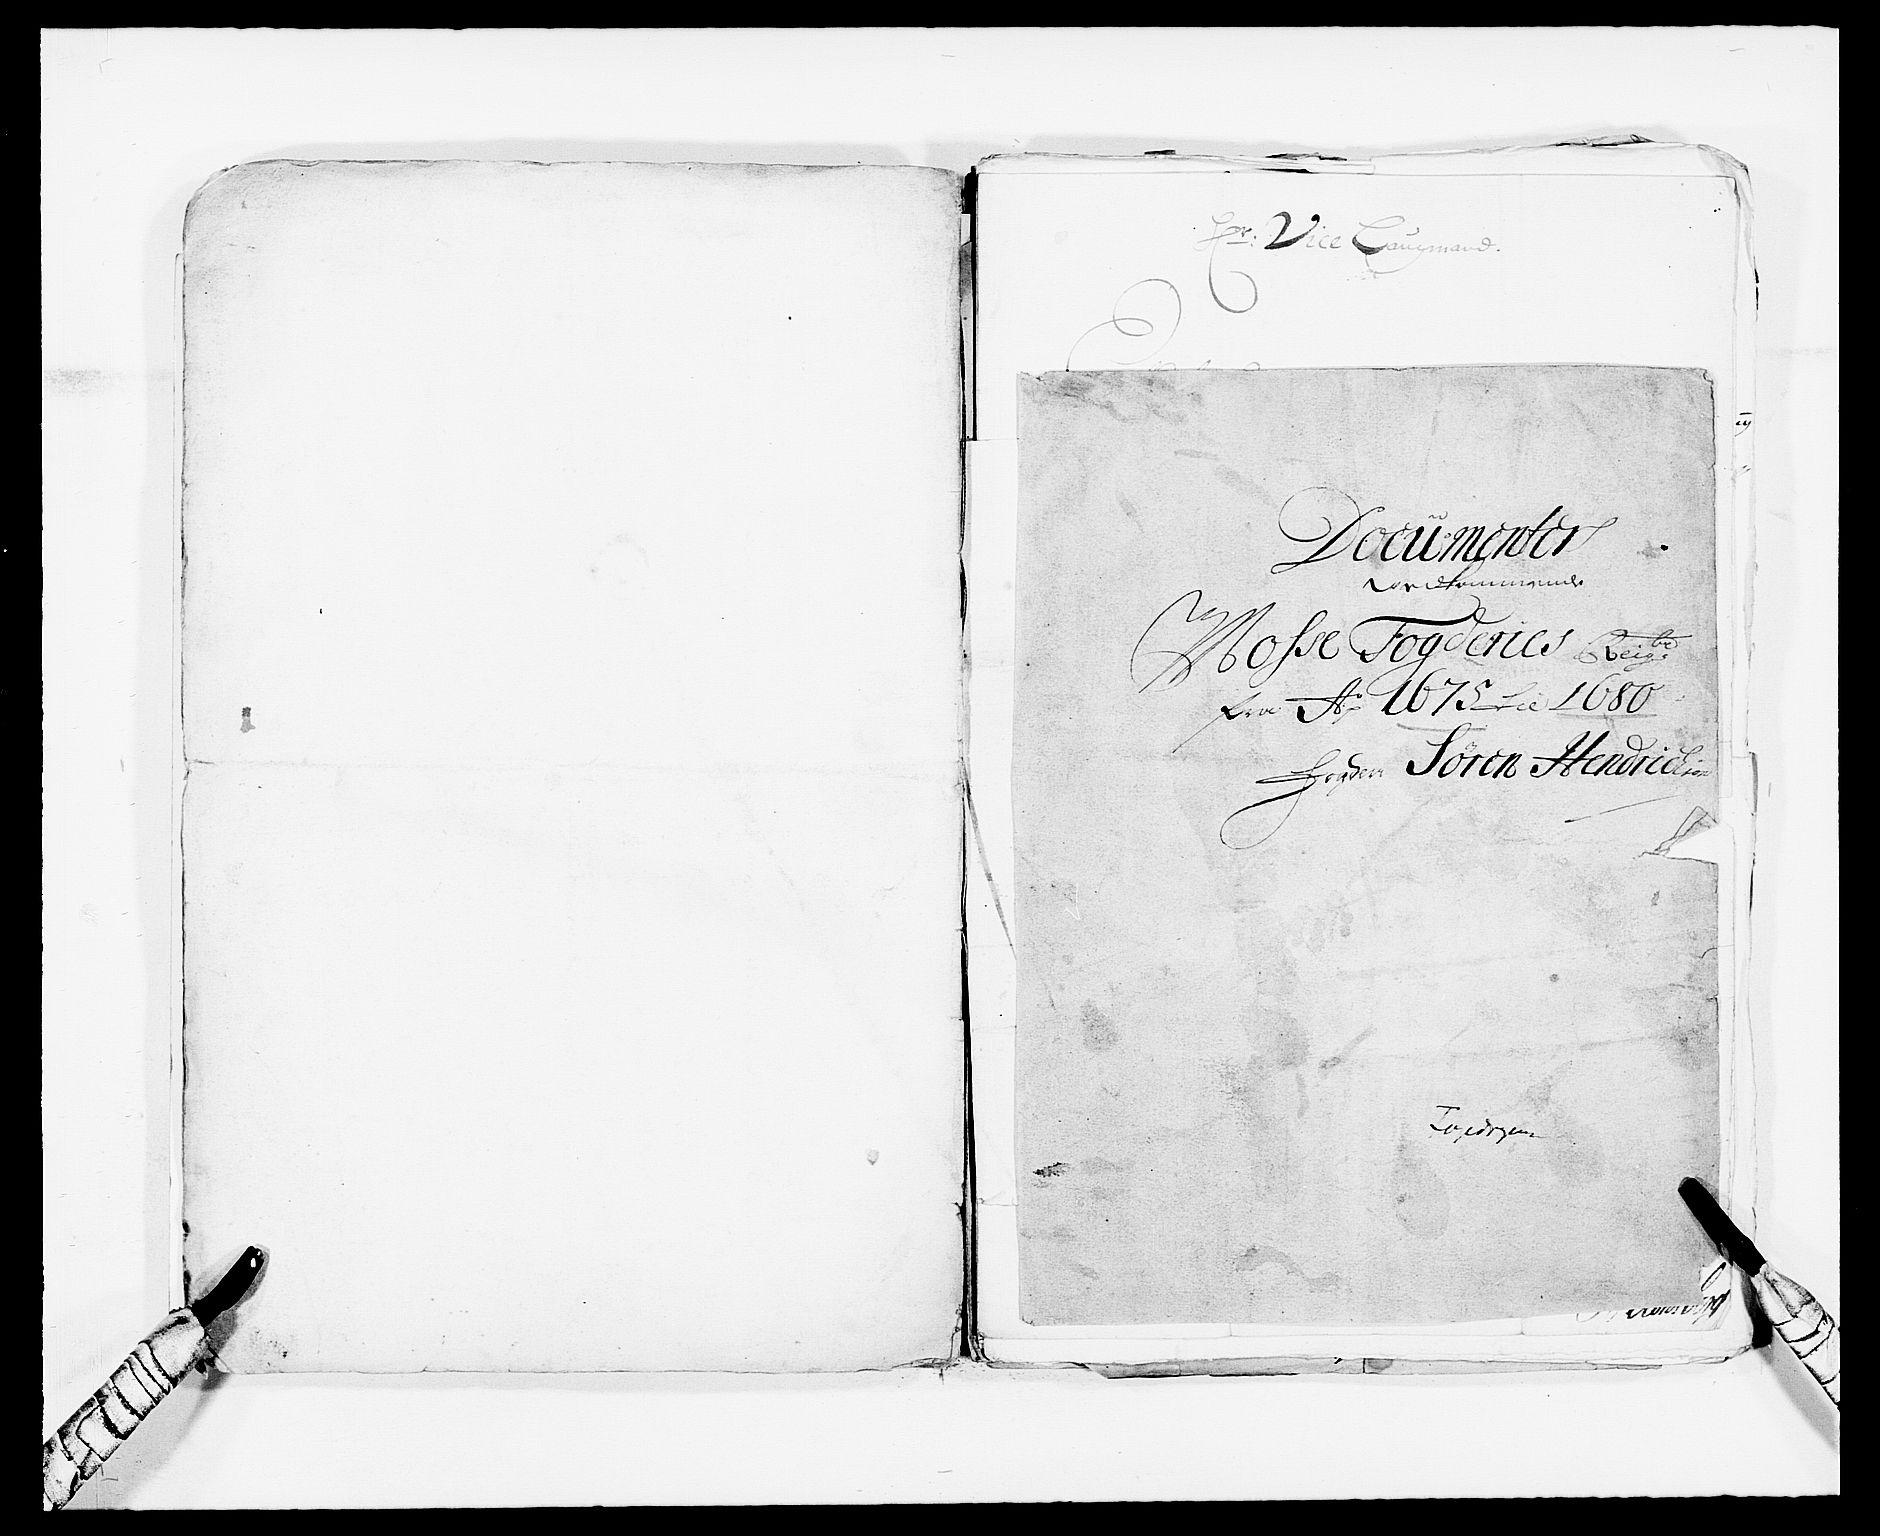 RA, Rentekammeret inntil 1814, Reviderte regnskaper, Fogderegnskap, R02/L0102: Fogderegnskap Moss og Verne kloster, 1675-1681, s. 111